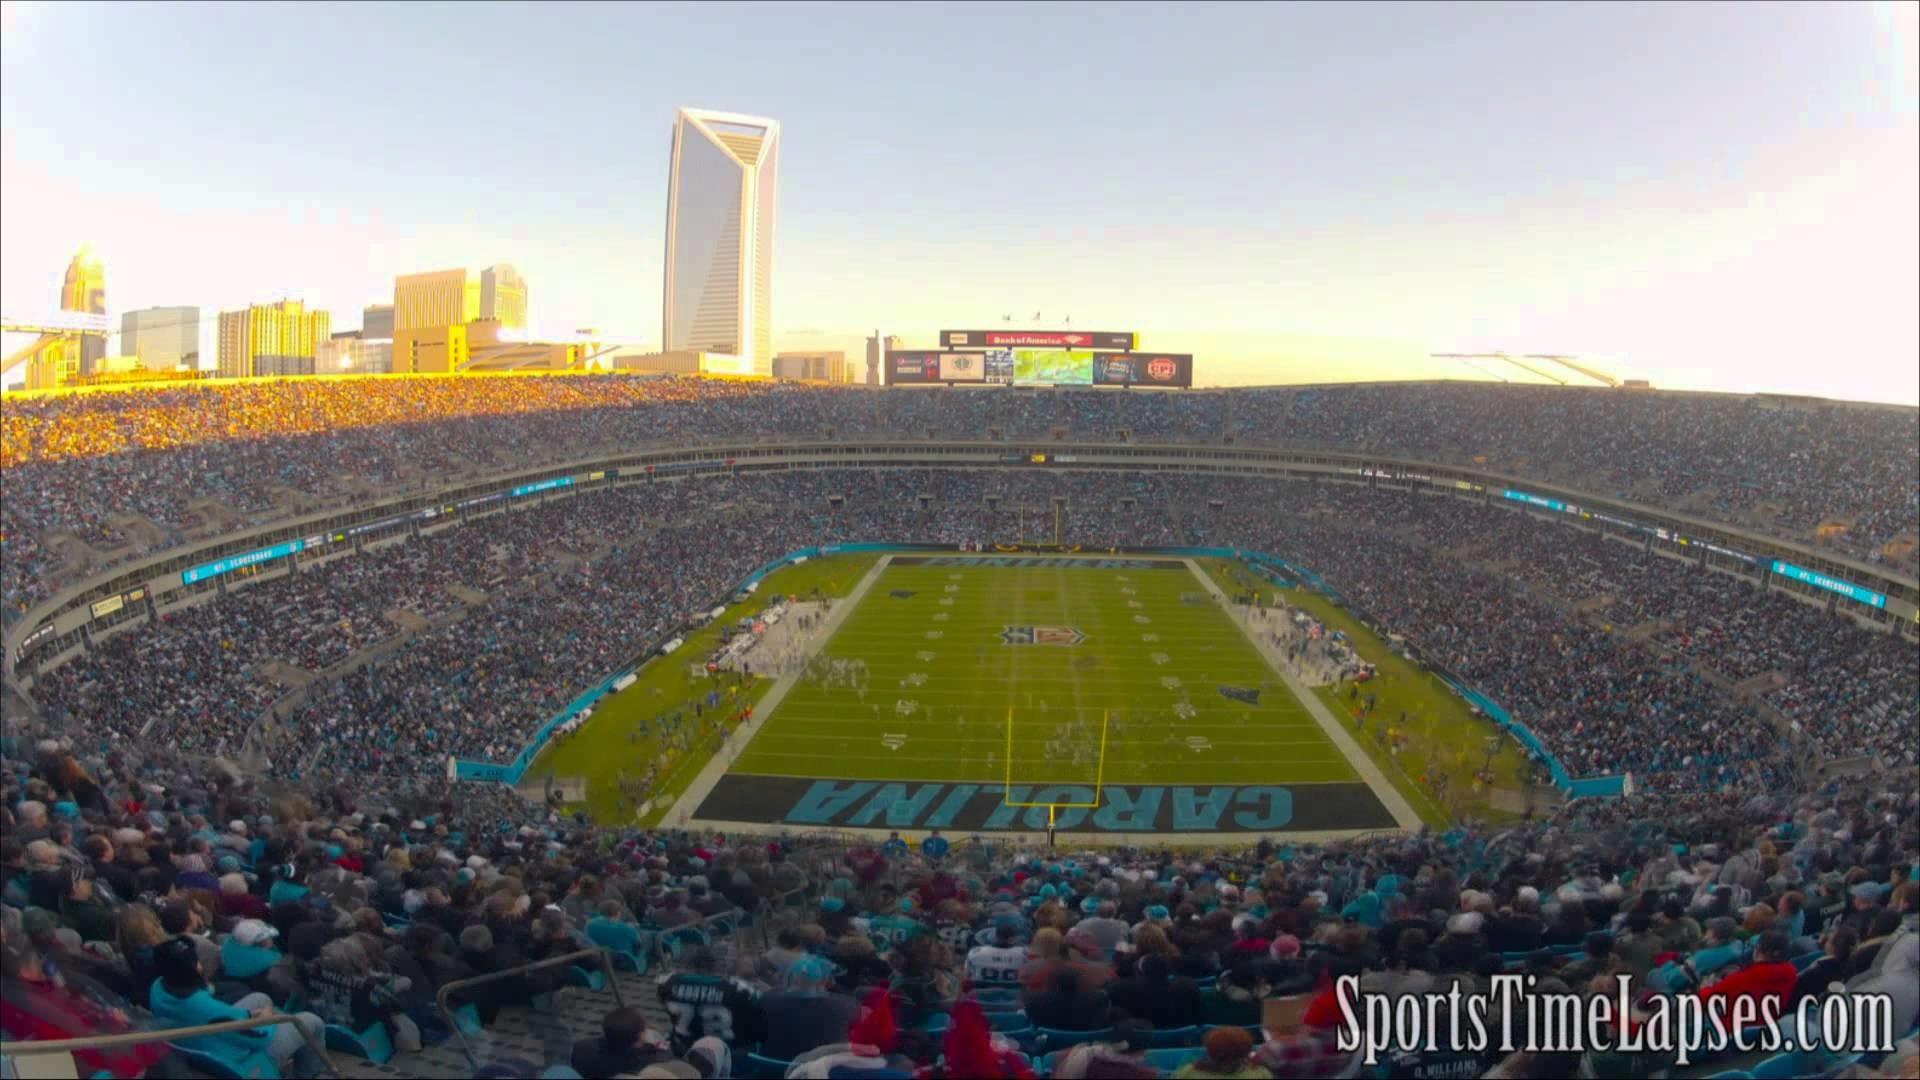 NFL Time Lapse: Bank of America Stadium (Carolina Panthers – End Zone) –  YouTube